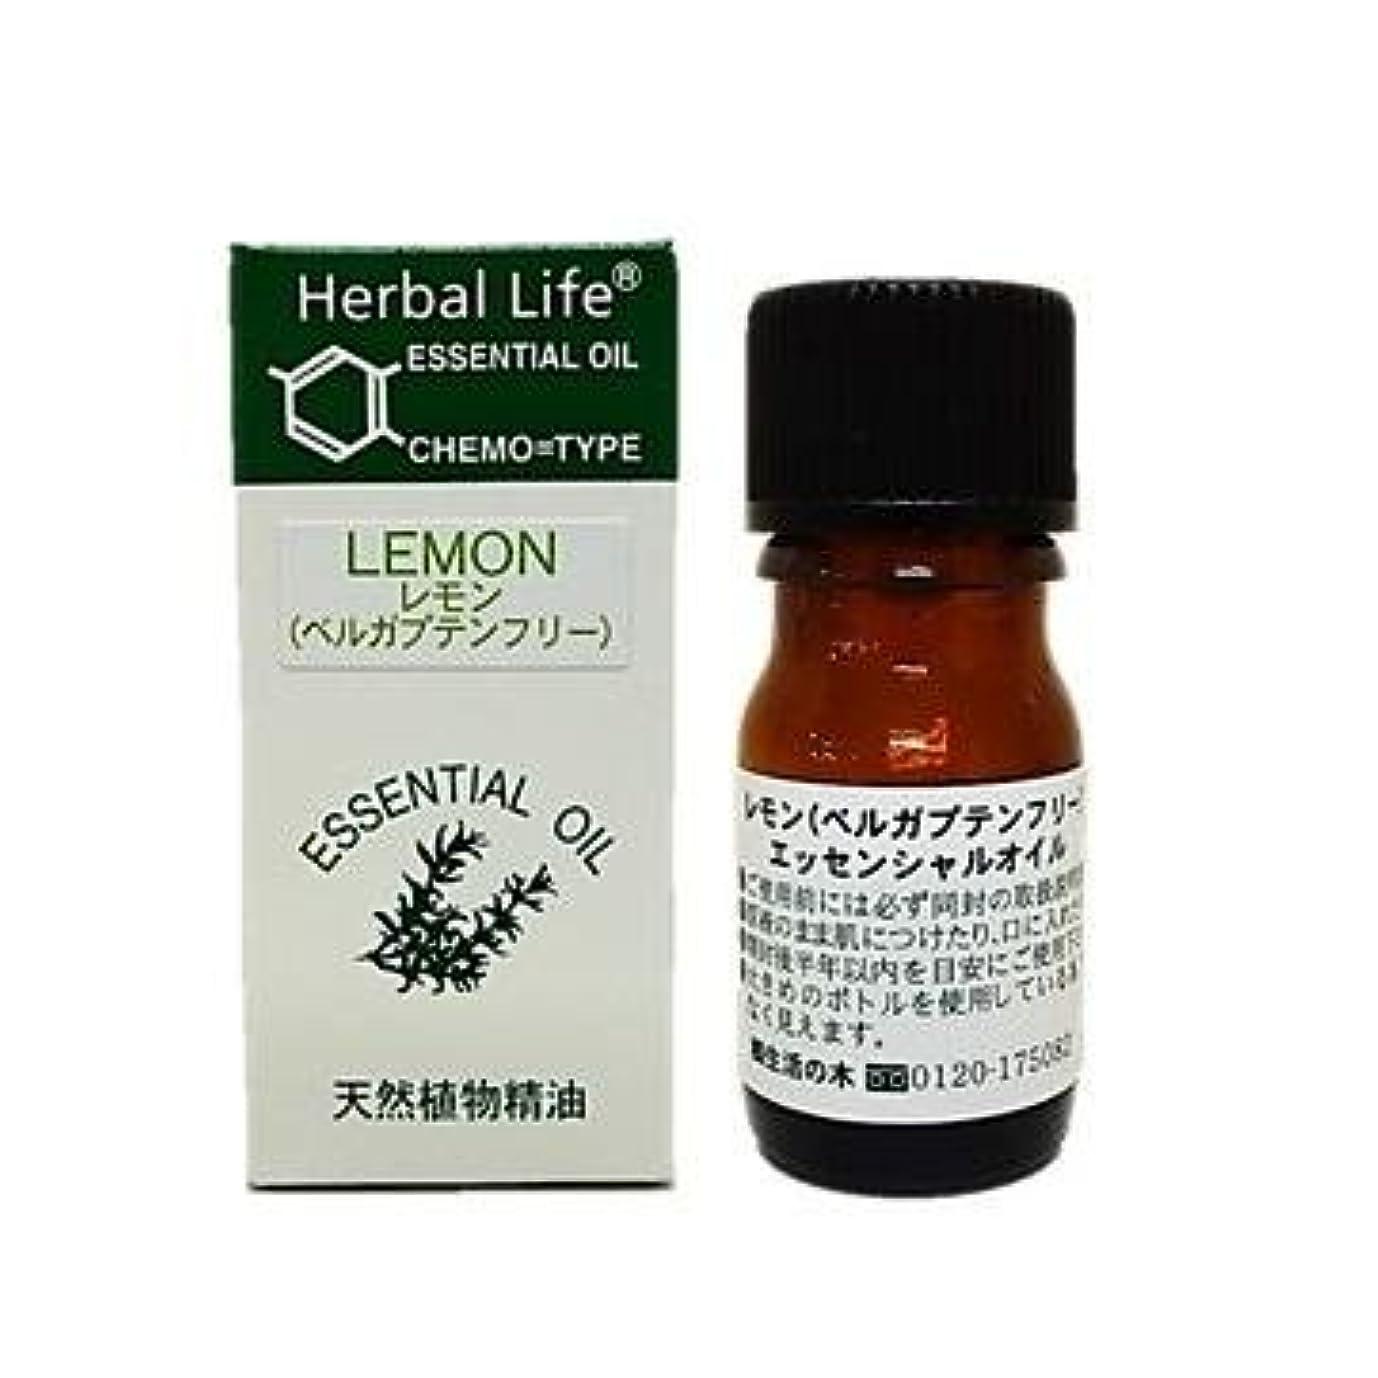 サンダー収益子孫生活の木 レモン(フロクマリンフリー)3ml エッセンシャルオイル/精油